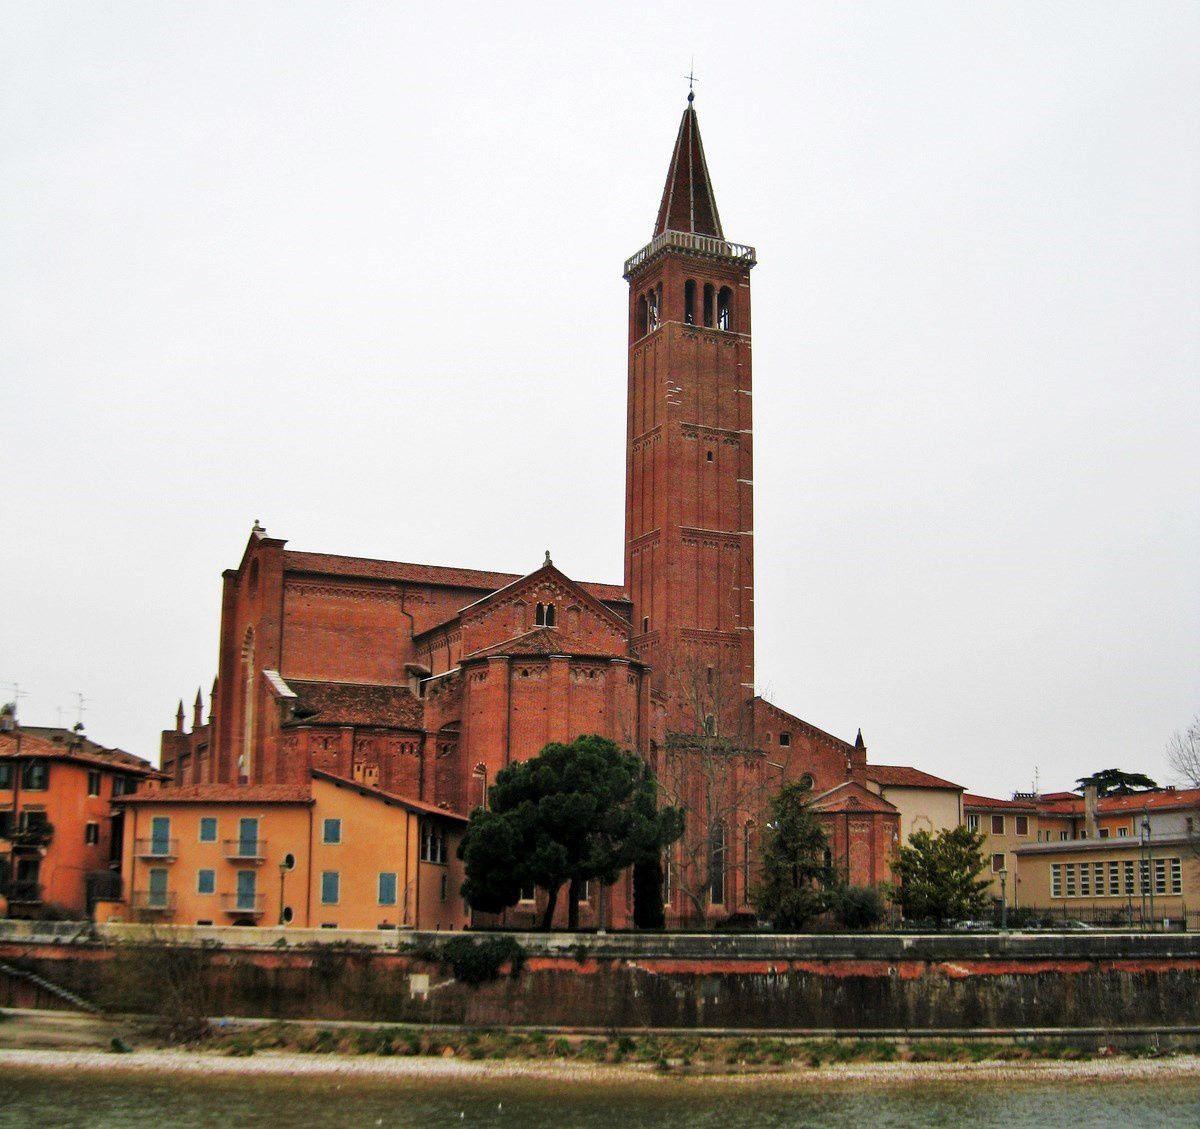 Eglises et campanile de la cathédrale, Vérone